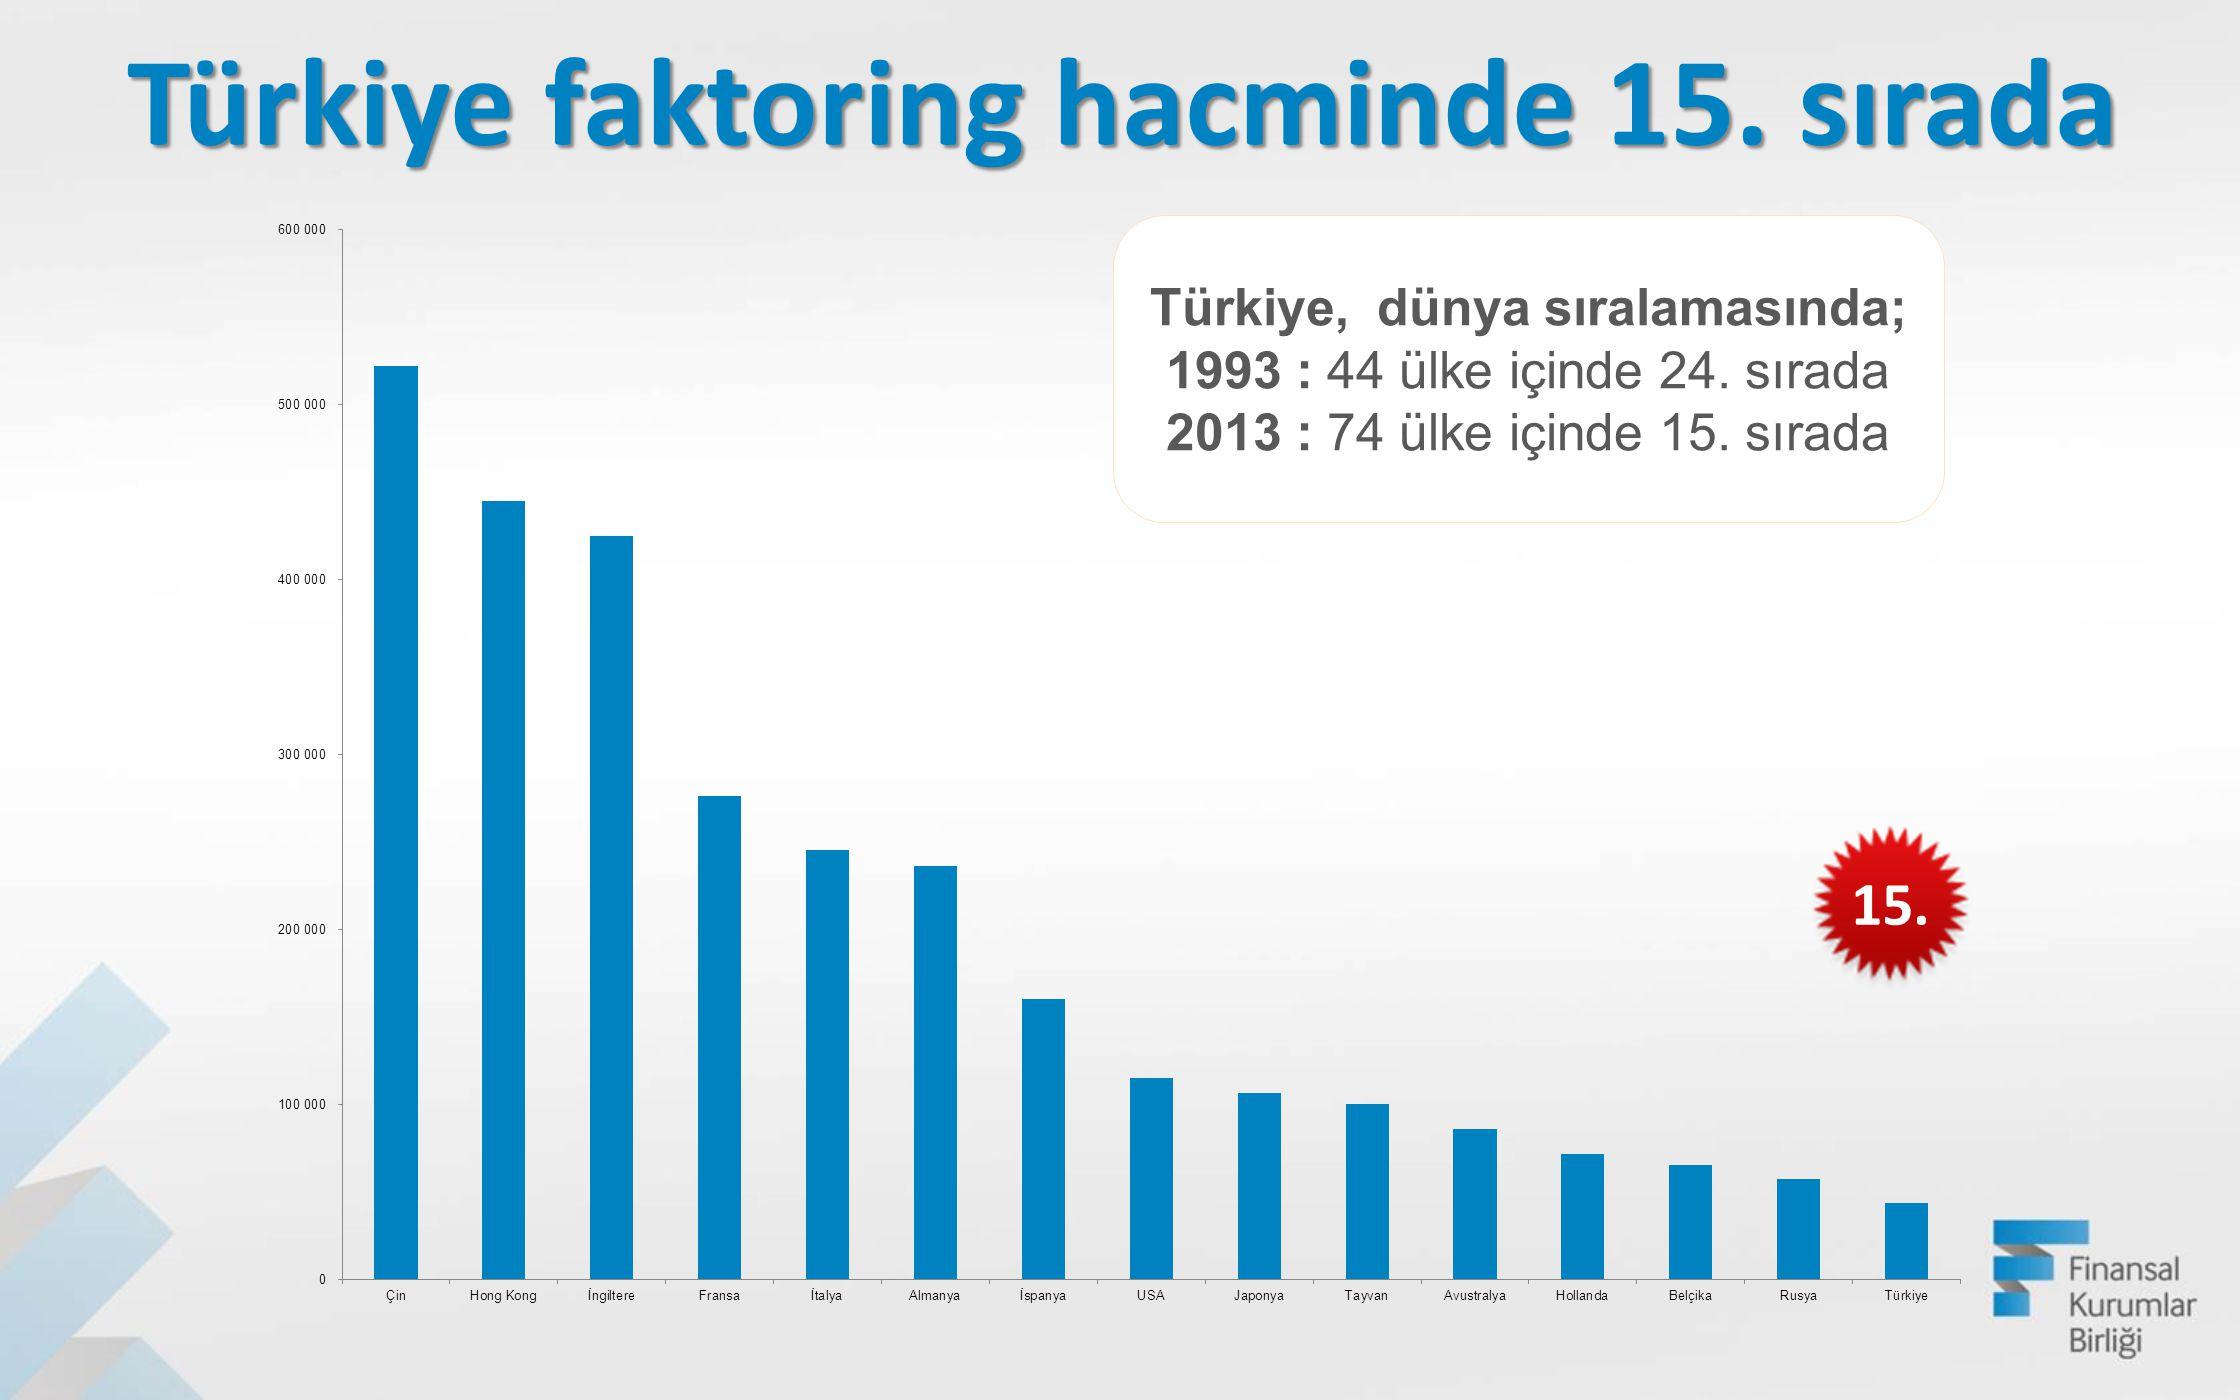 Türkiye faktoring hacminde 15. sırada Türkiye, dünya sıralamasında;